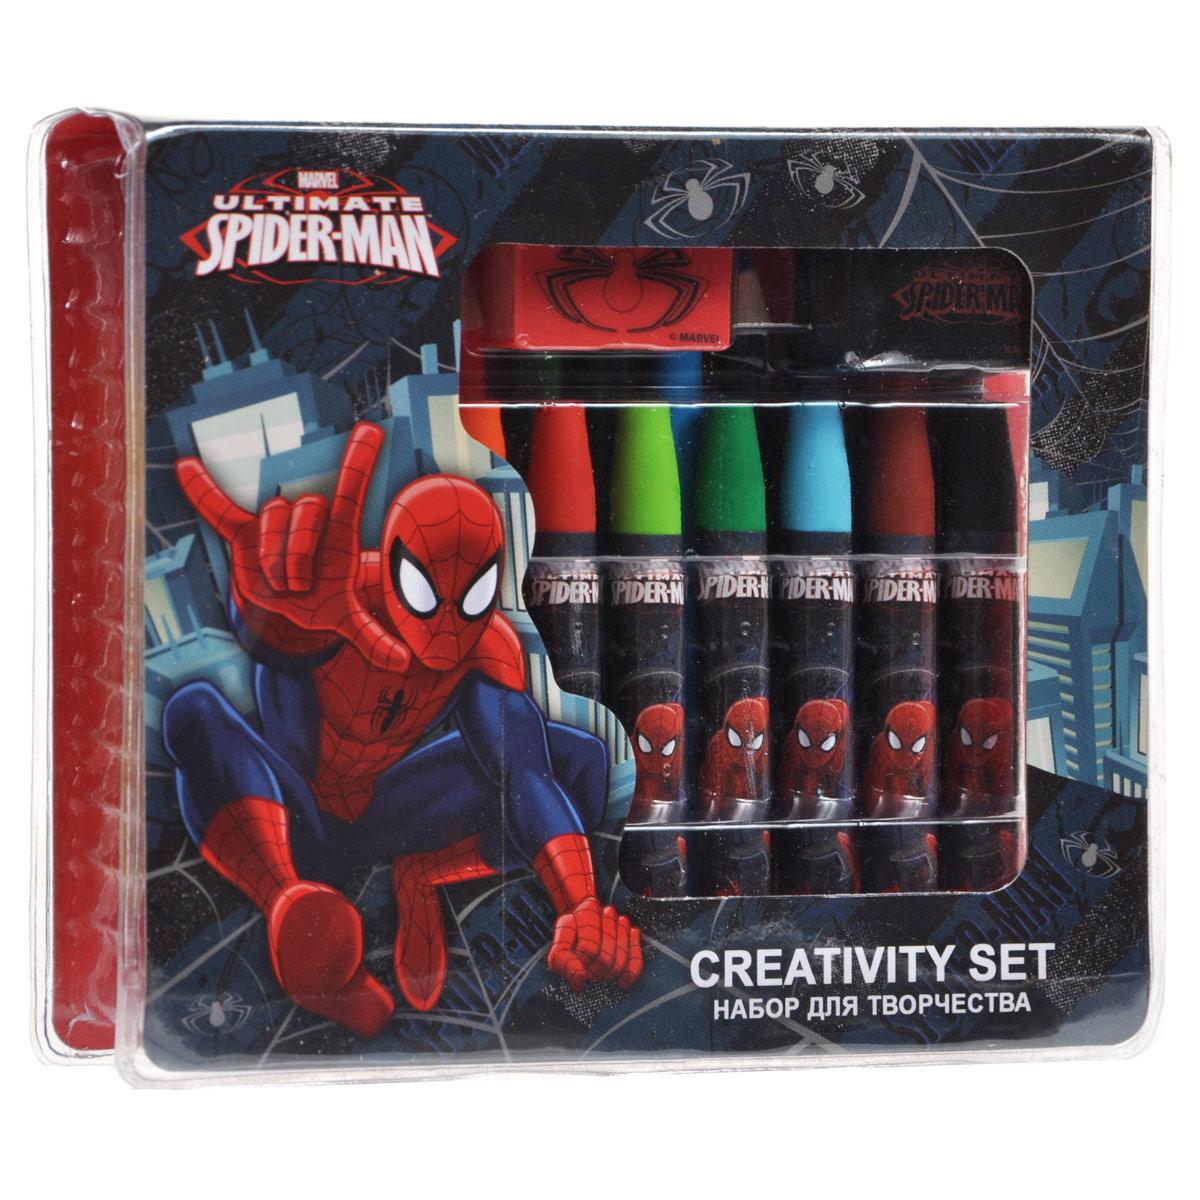 Набор для рисования Spider-Man, 25 предметовSMAA-US1-460199Набор для рисования Spider-Man позволит вашему ребенку проявить свои творческие способности. Он включает в себя цветные карандаши двенадцати цветов, восковые мелки десяти цветов, точилку, ластик и стикер. Каждый мелок обернут в бумажную гильзу с изображением Человека-Паука. Набор откроет юному художнику новые горизонты для творчества, а также поможет развить мелкую моторику рук, цветовое восприятие, фантазию и воображение.